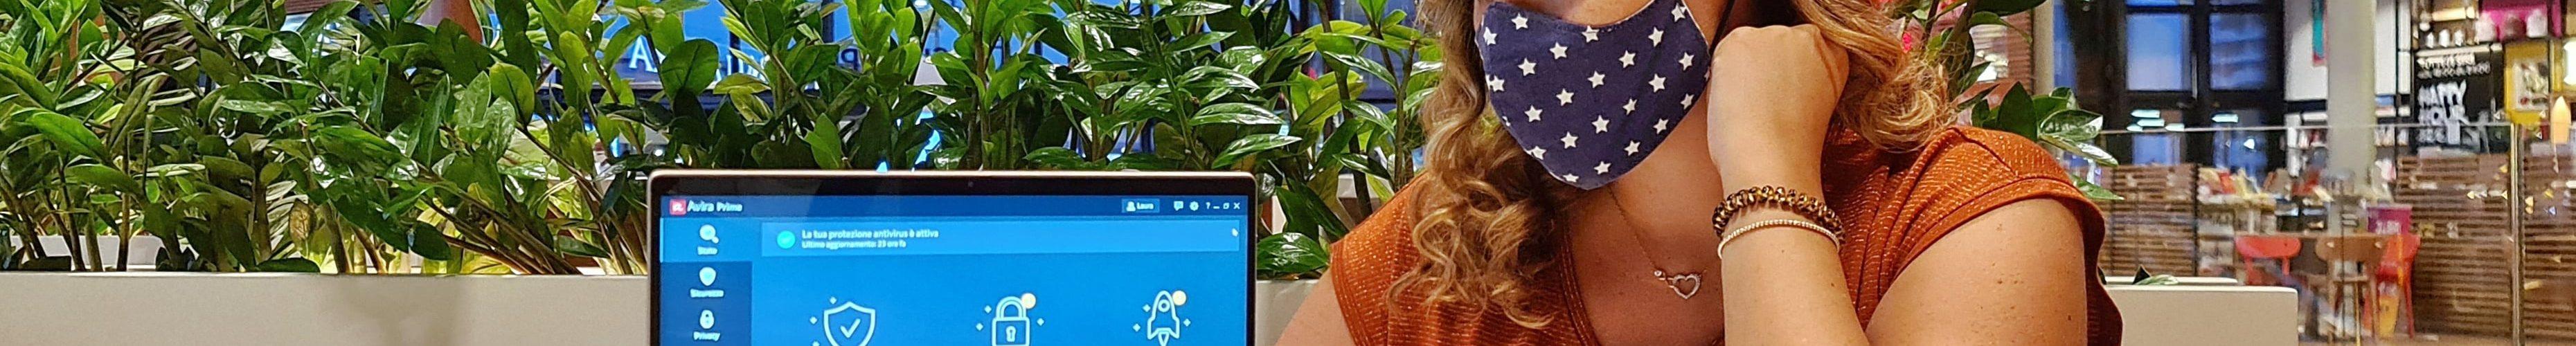 antivirus avira sicurezza digitale firewall password prestazioni computer cybersecurity laura fasano benessere tecnologico tecnolaura